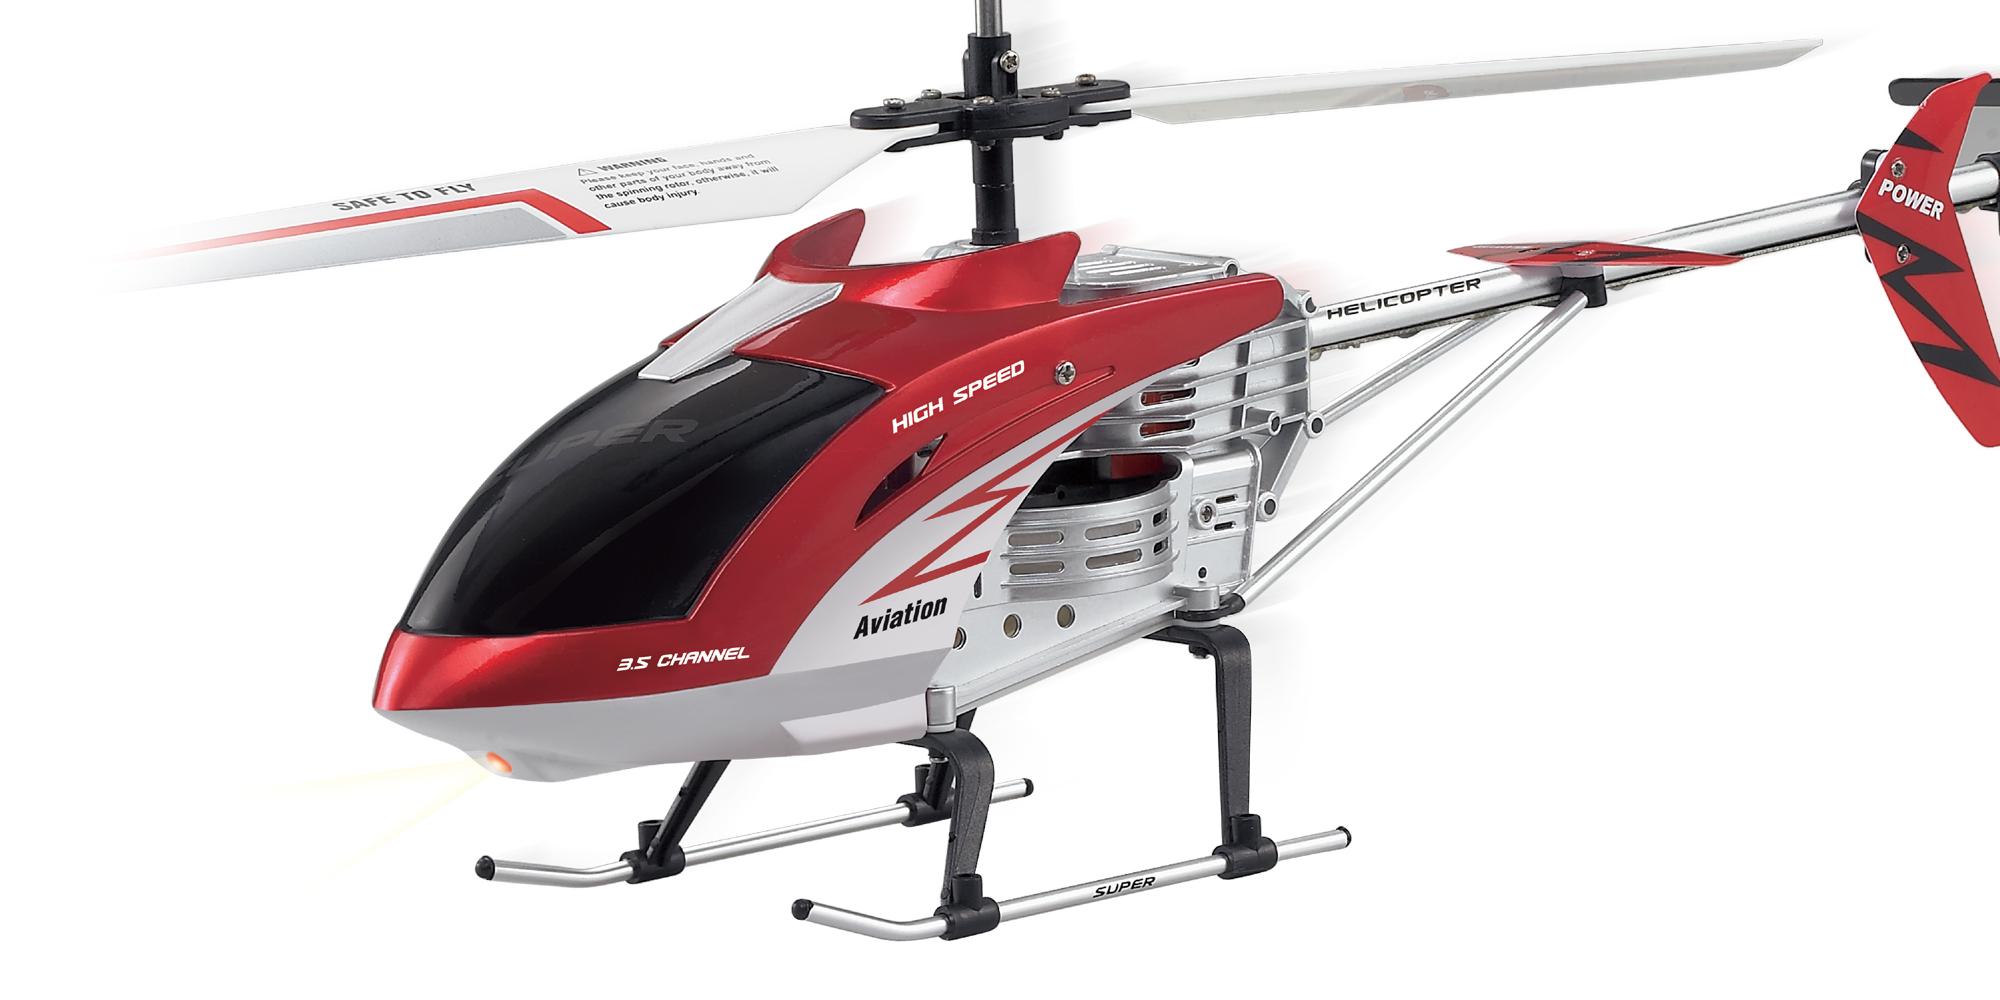 Elicottero Telecomandato Con Telecamera : Elicottero radiocomandato canali drone super